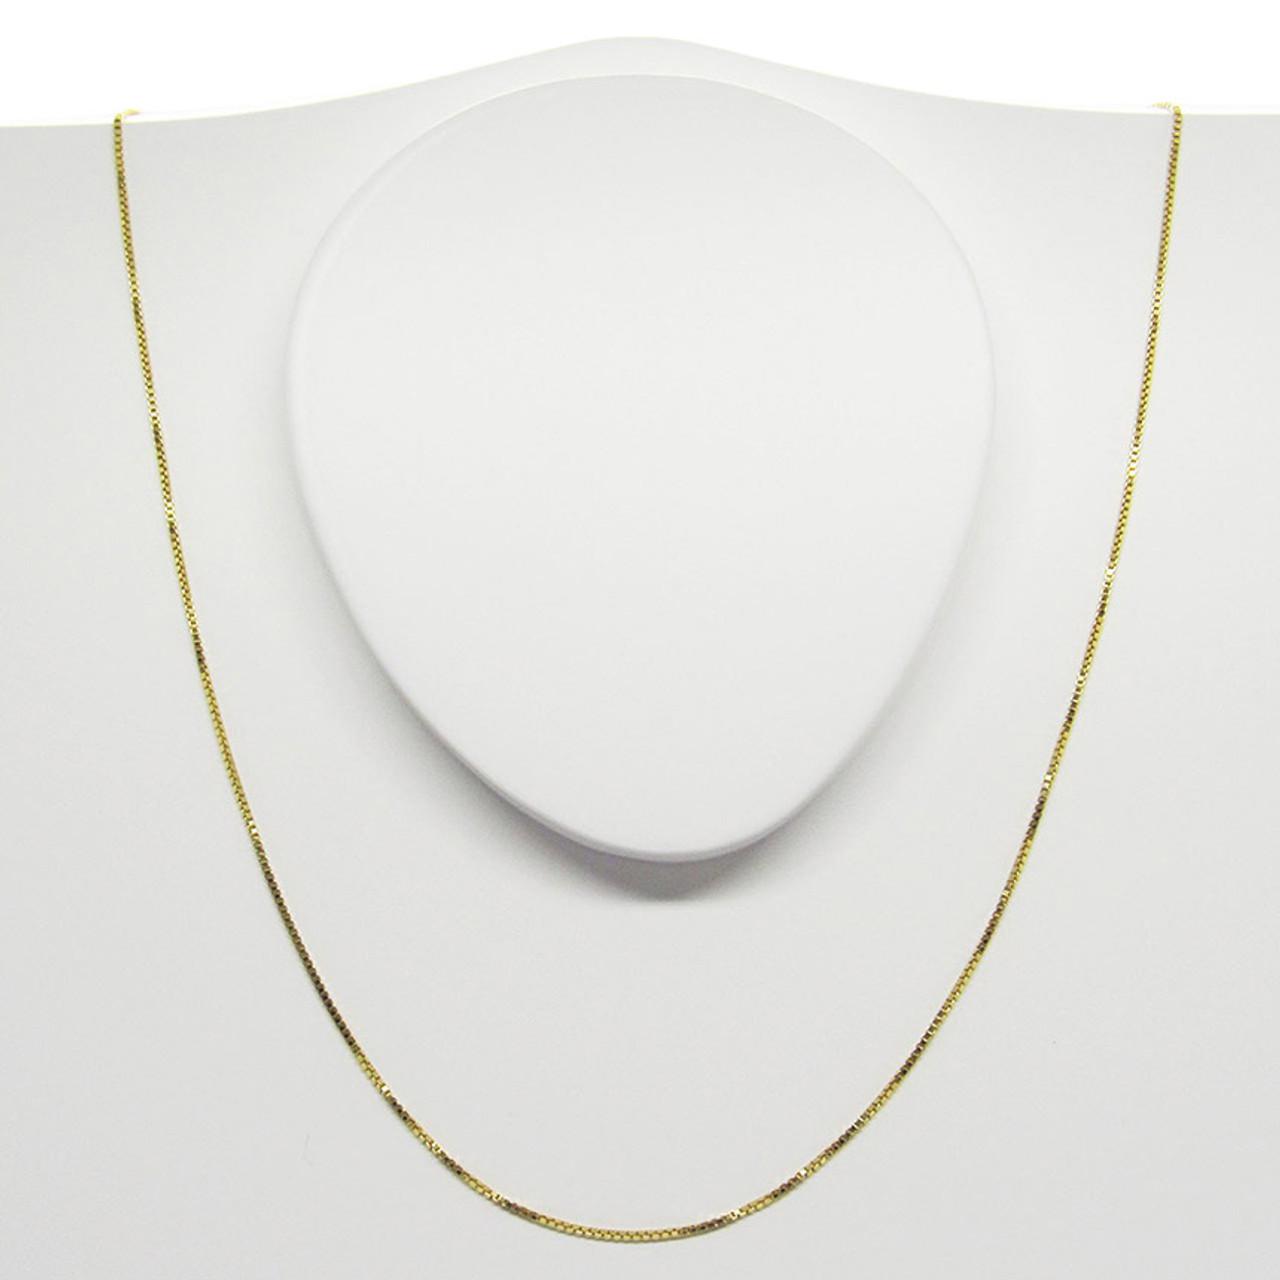 Corrente de ouro 18k Veneziana 1mm com 60cm (CJCO-00000346) 7f1911d538